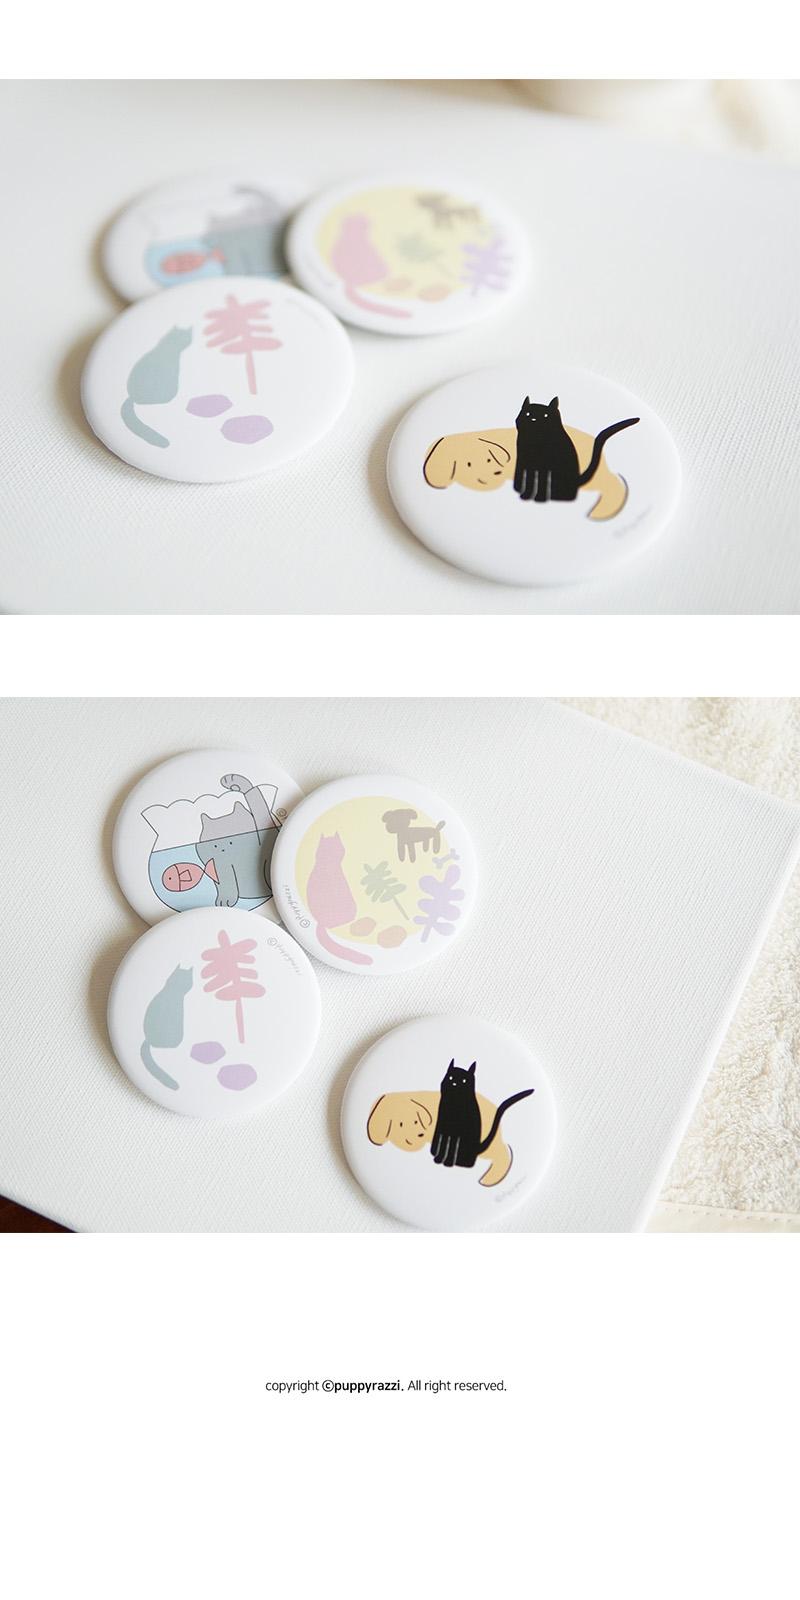 고양이와 사물들(YELLOW) 원형 손거울 - 퍼피라찌, 3,000원, 도구, 거울